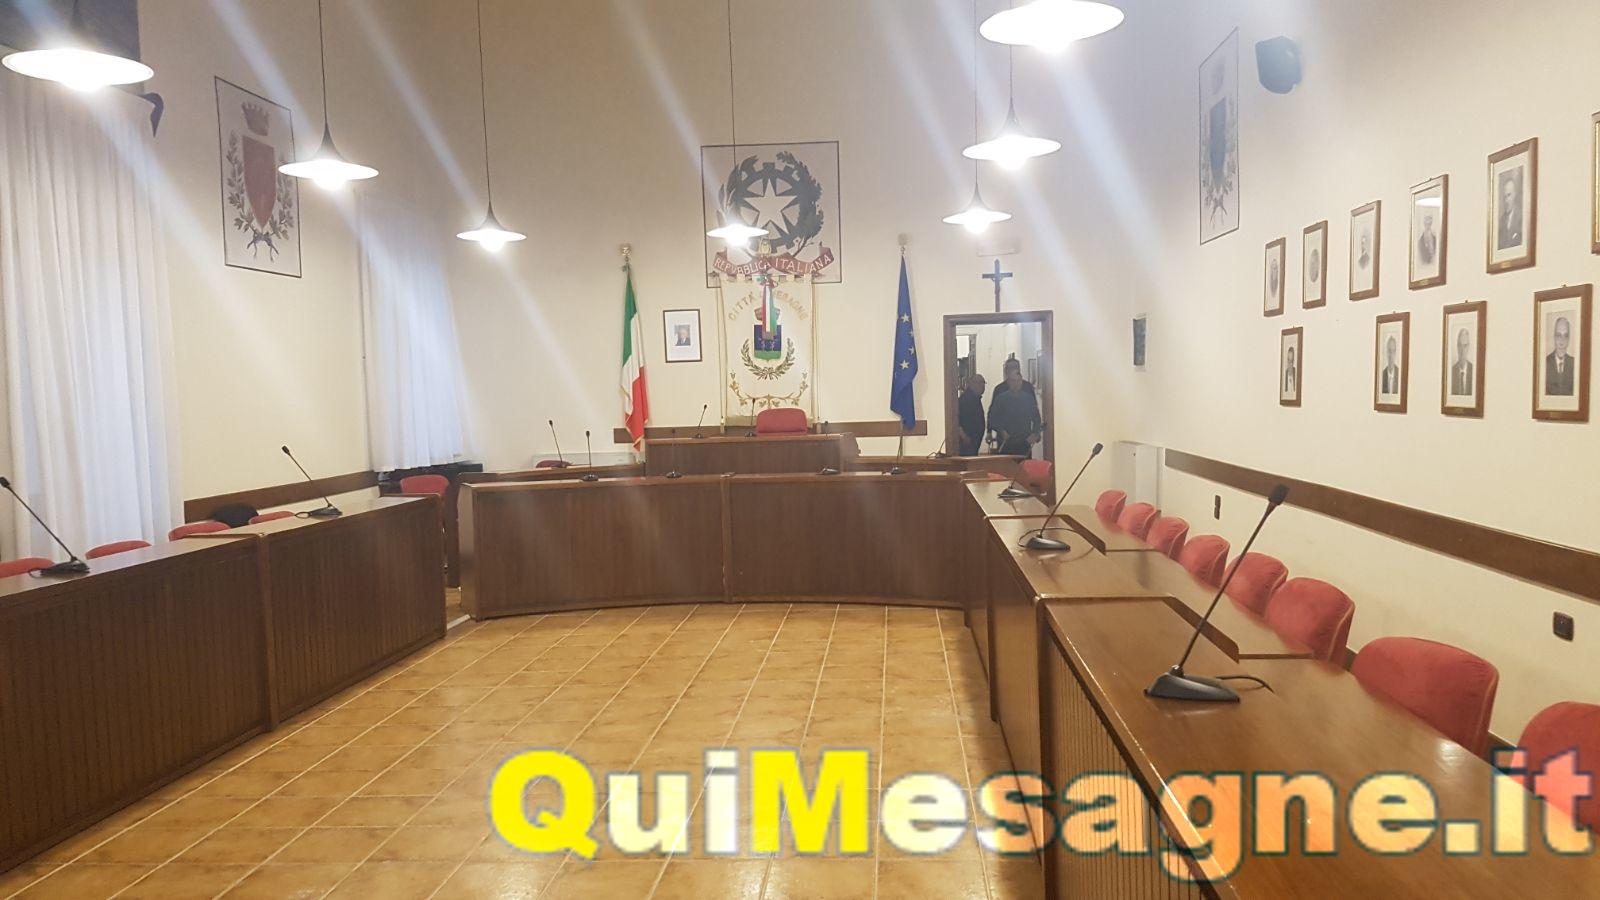 Torna a riunirsi il Consiglio Comunale Giovedì 11 gennaio 2018